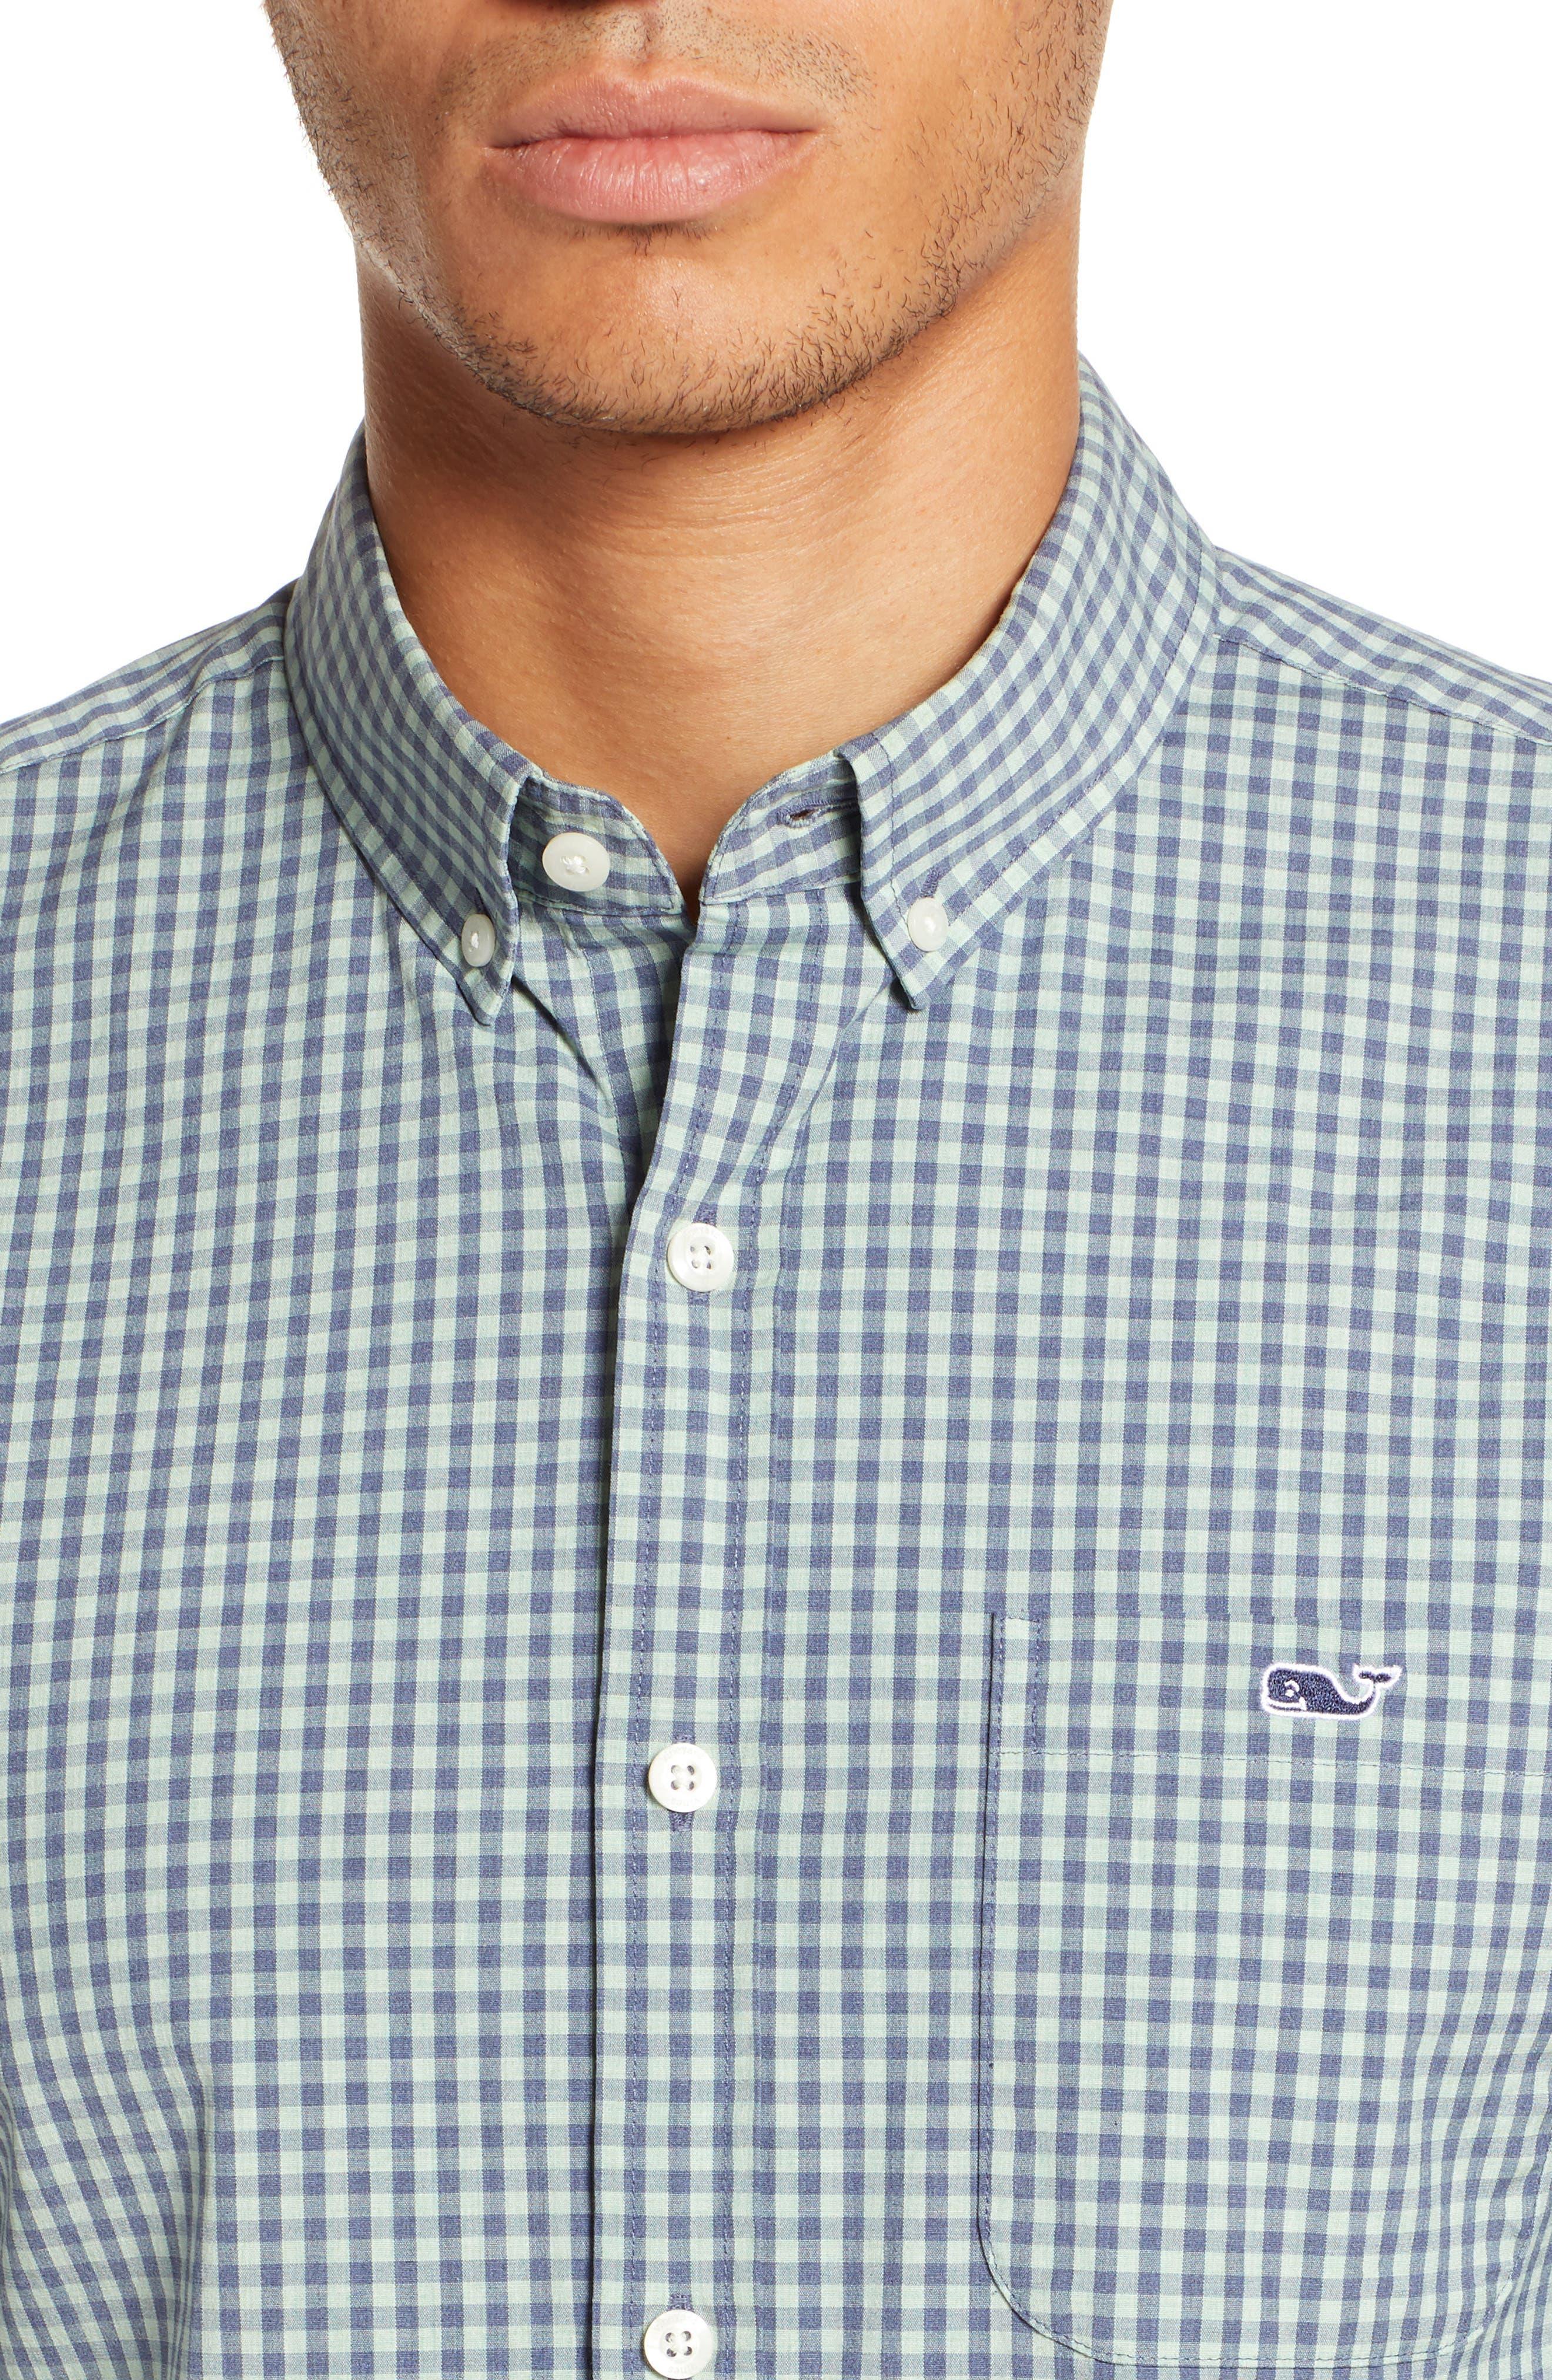 VINEYARD VINES, Gingham Check Sport Shirt, Alternate thumbnail 2, color, 362